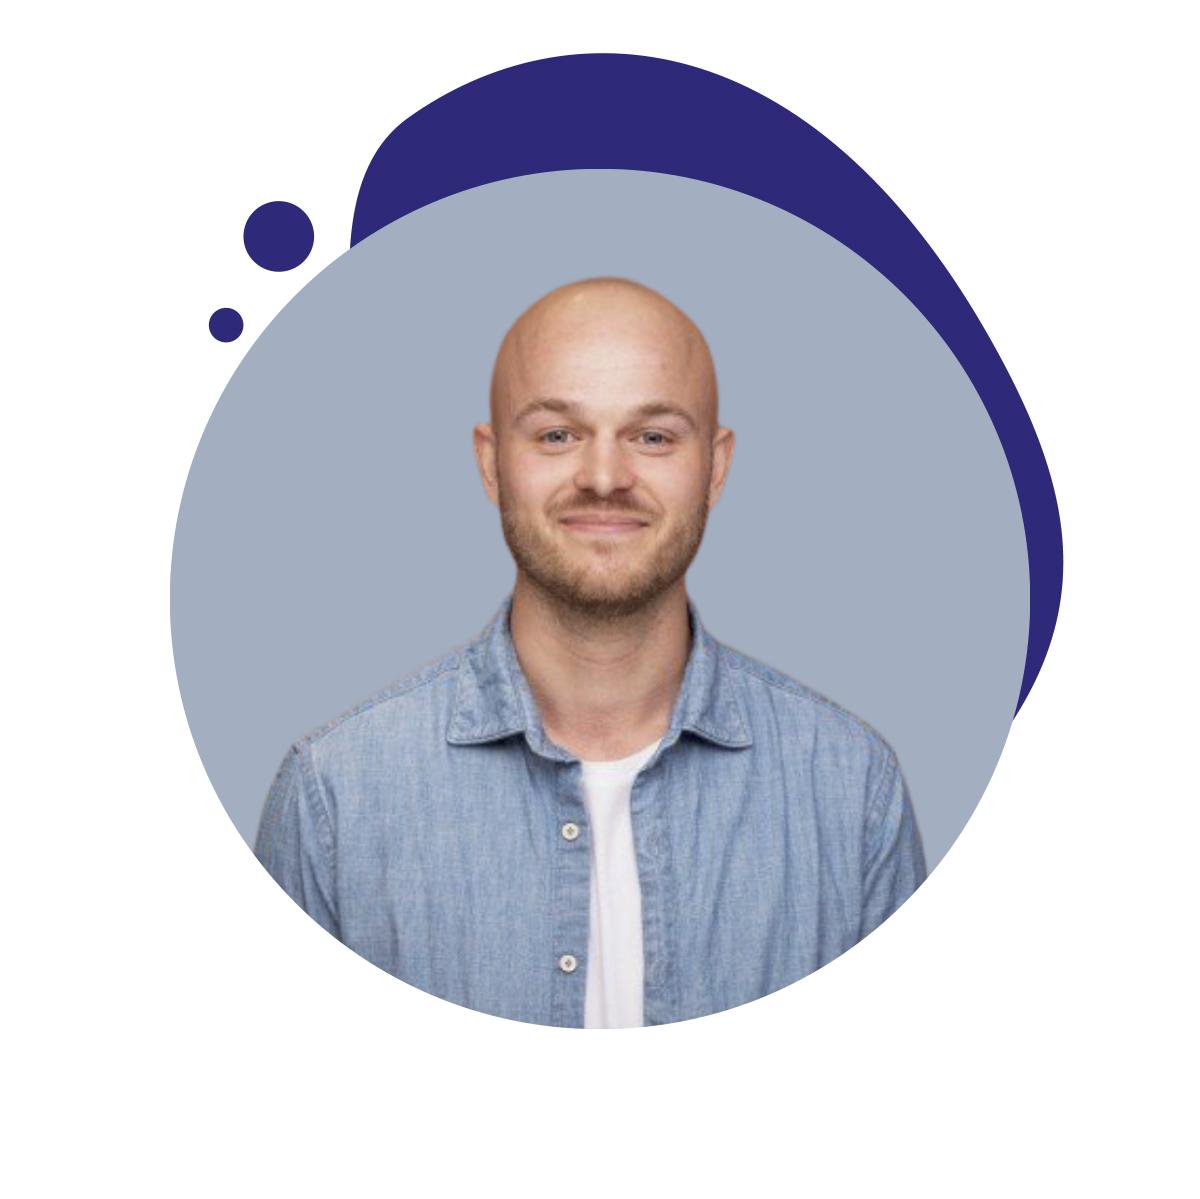 Mads Jørgensen